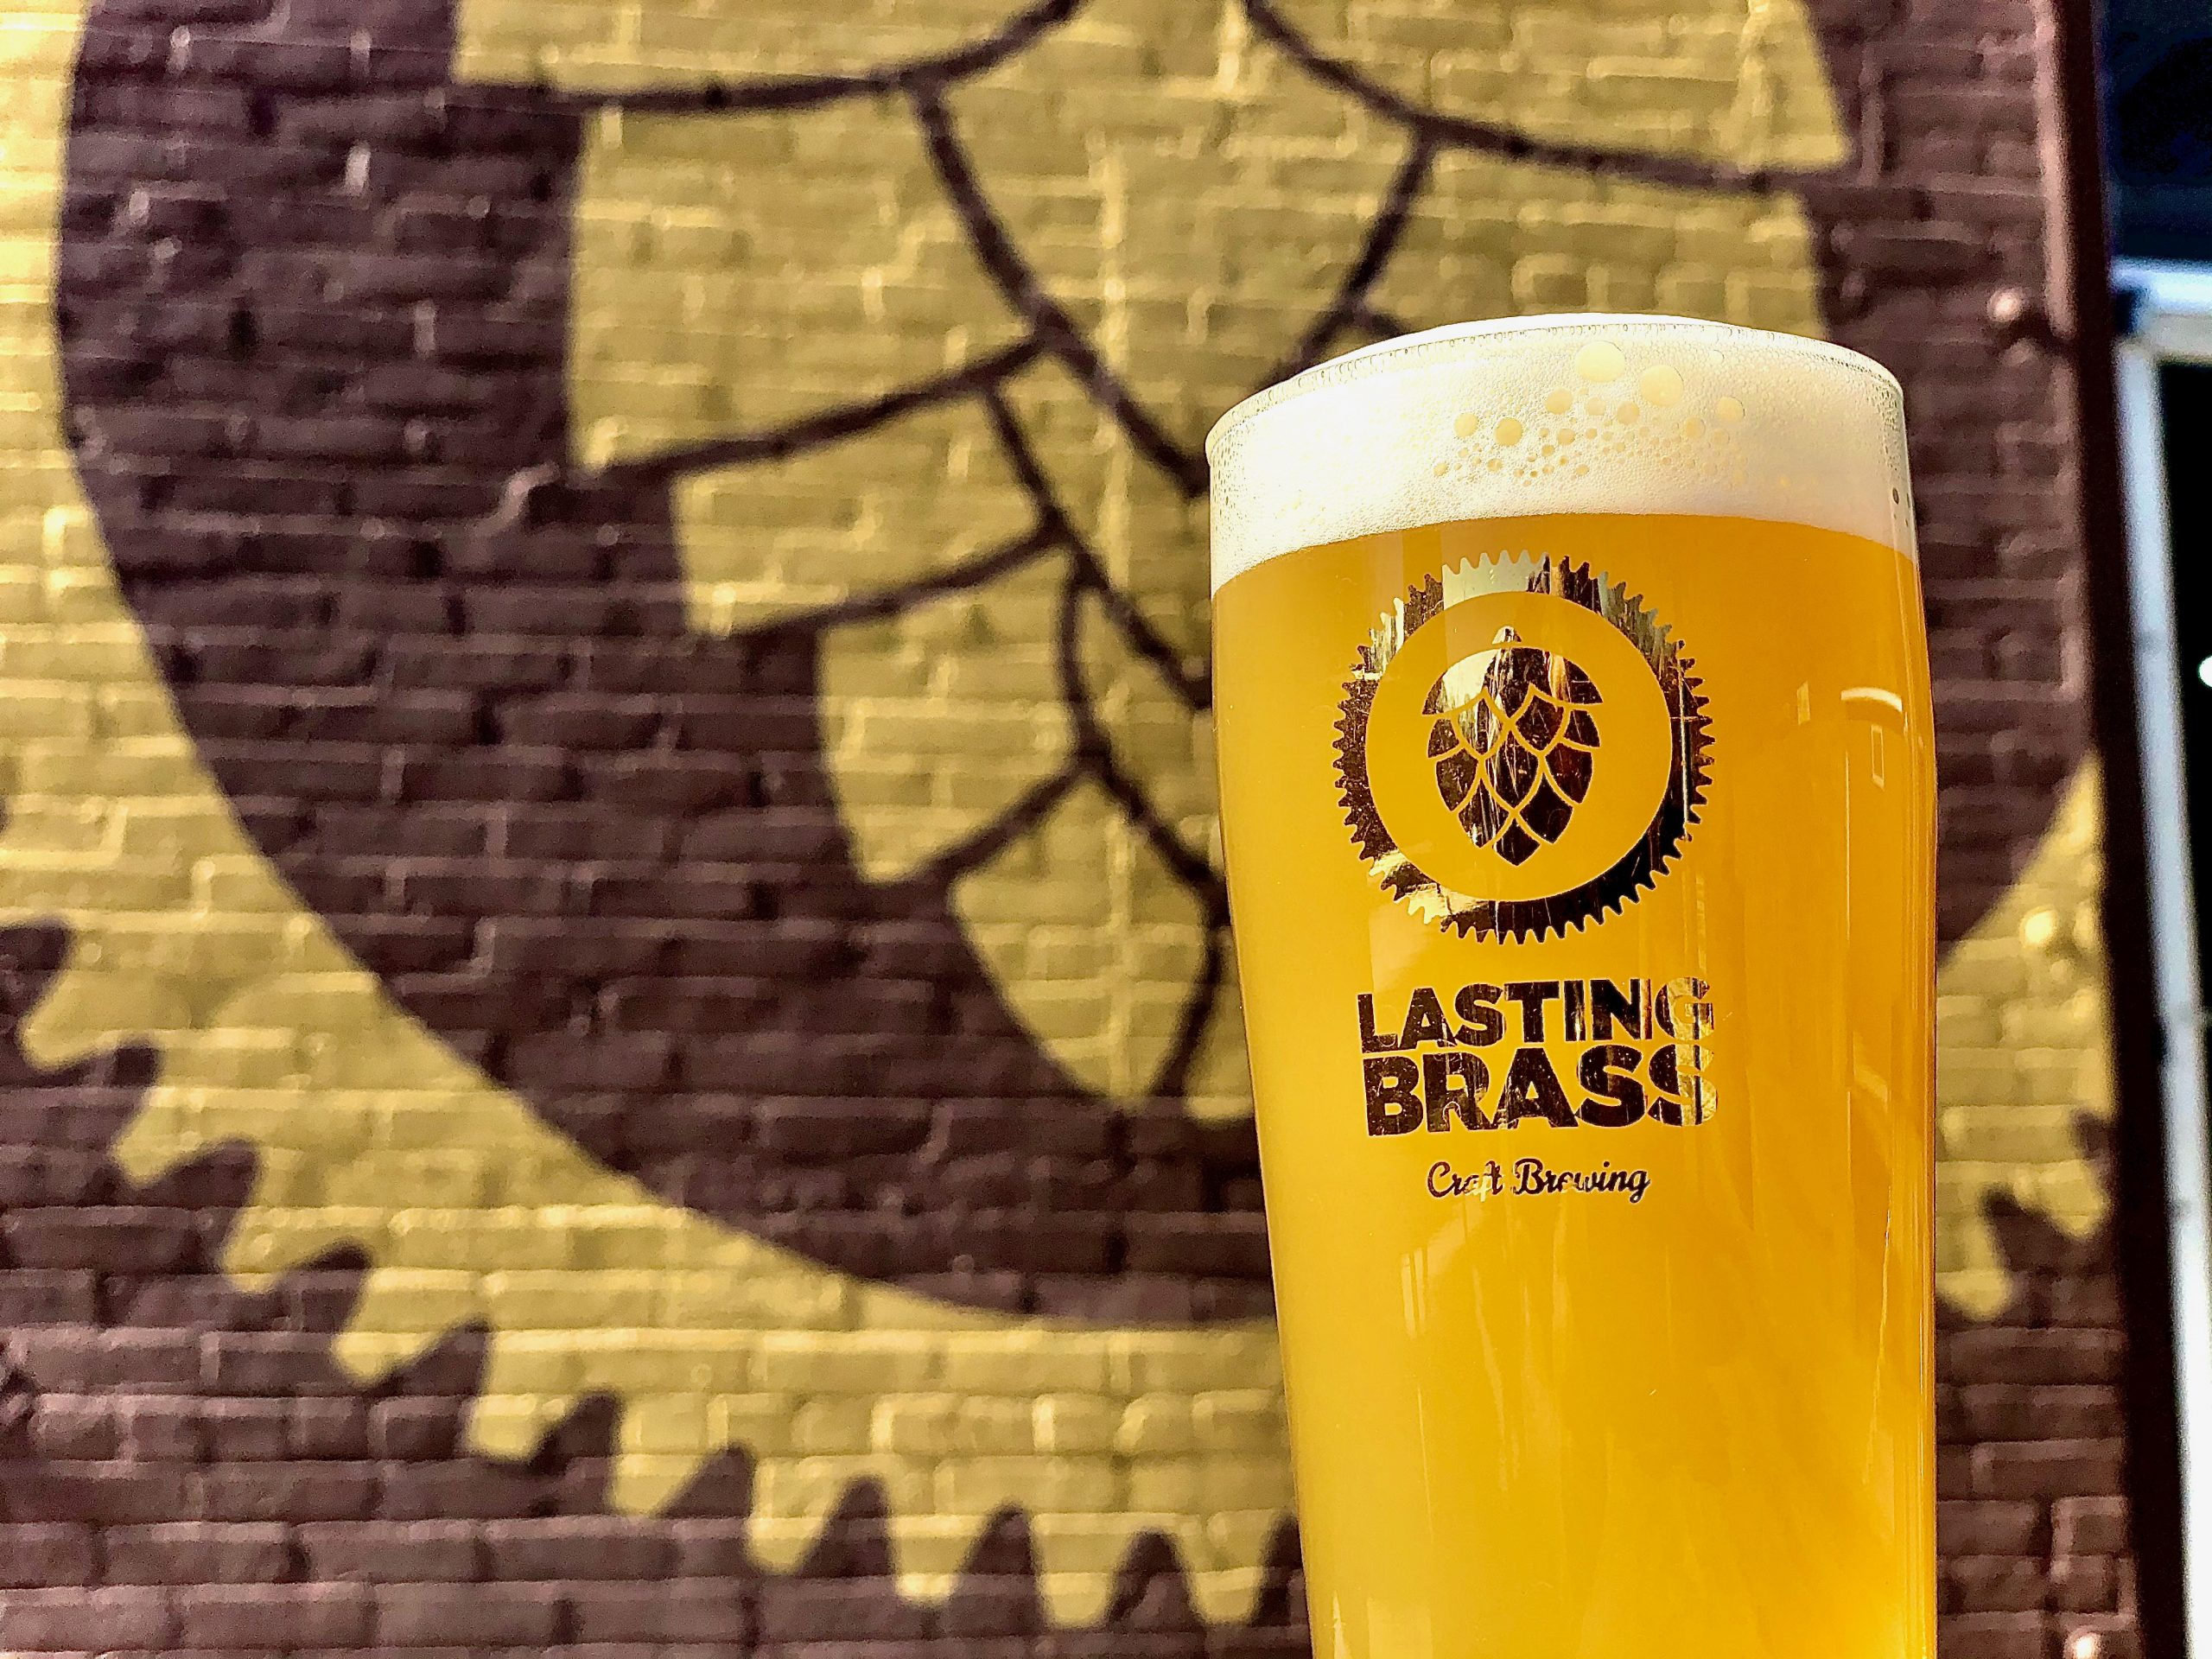 Lasting Brass Brewery